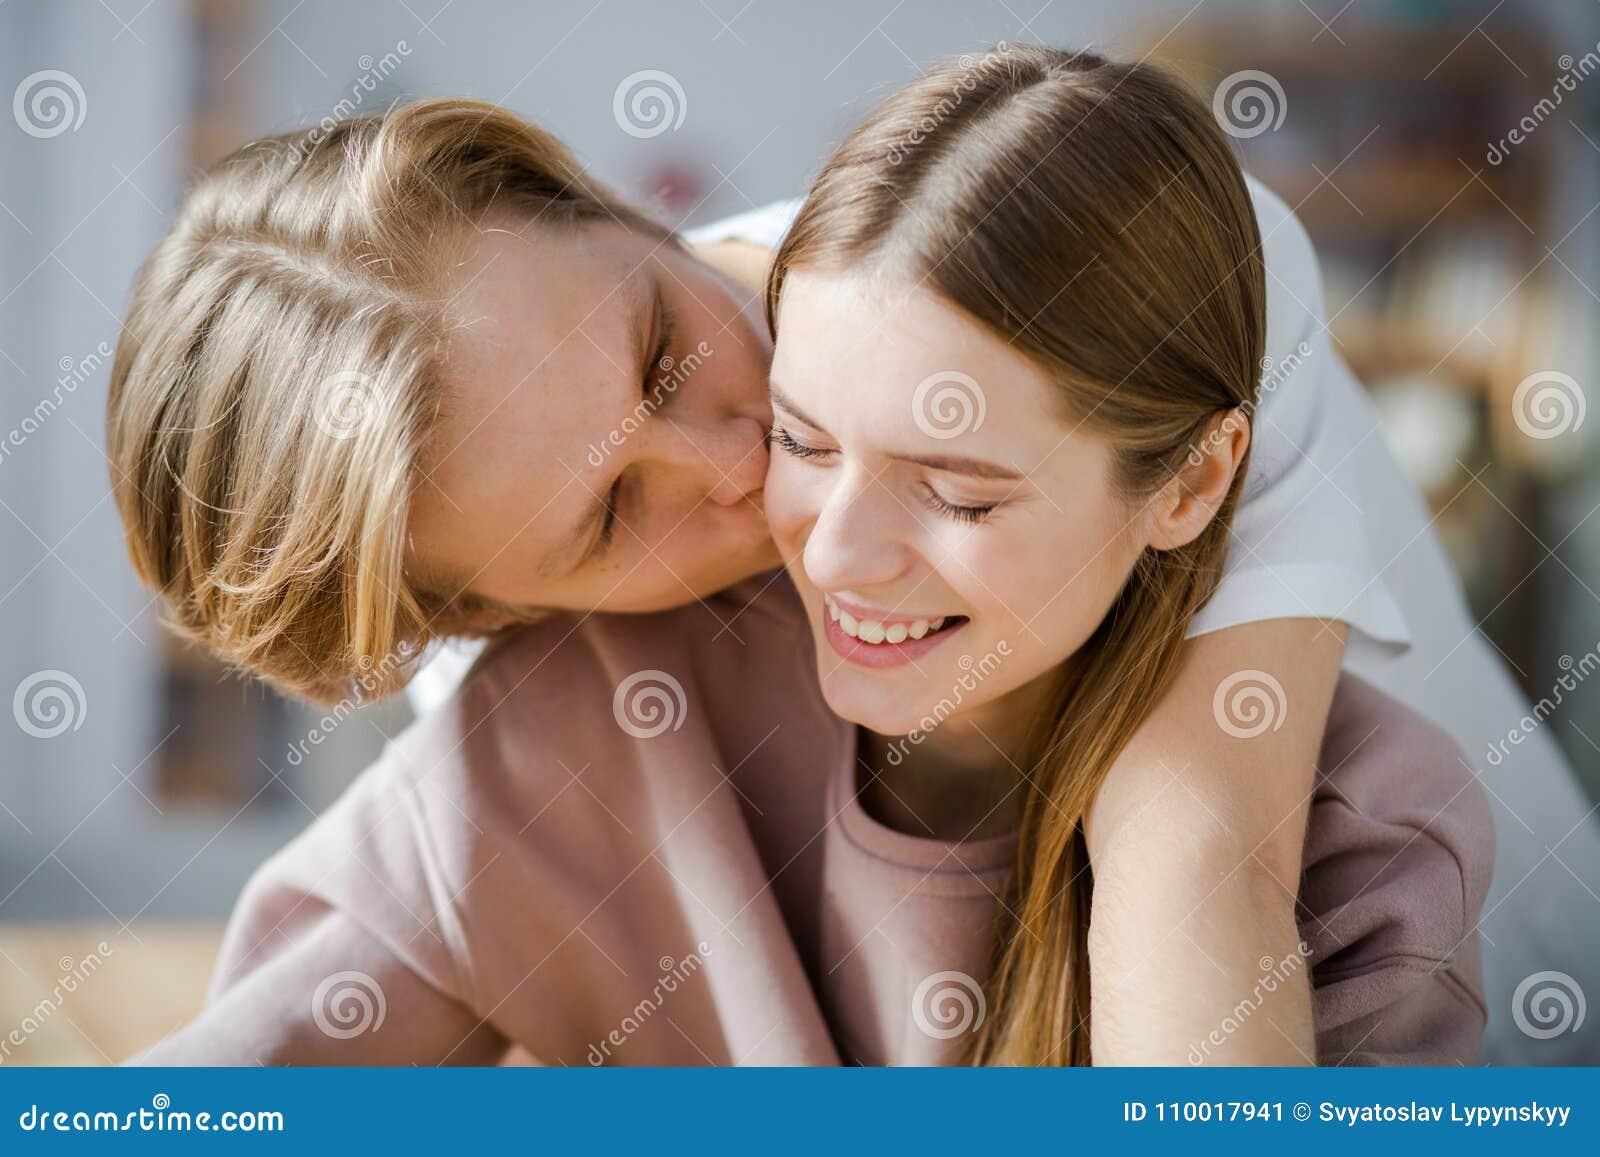 Sentiments doux entre les amants